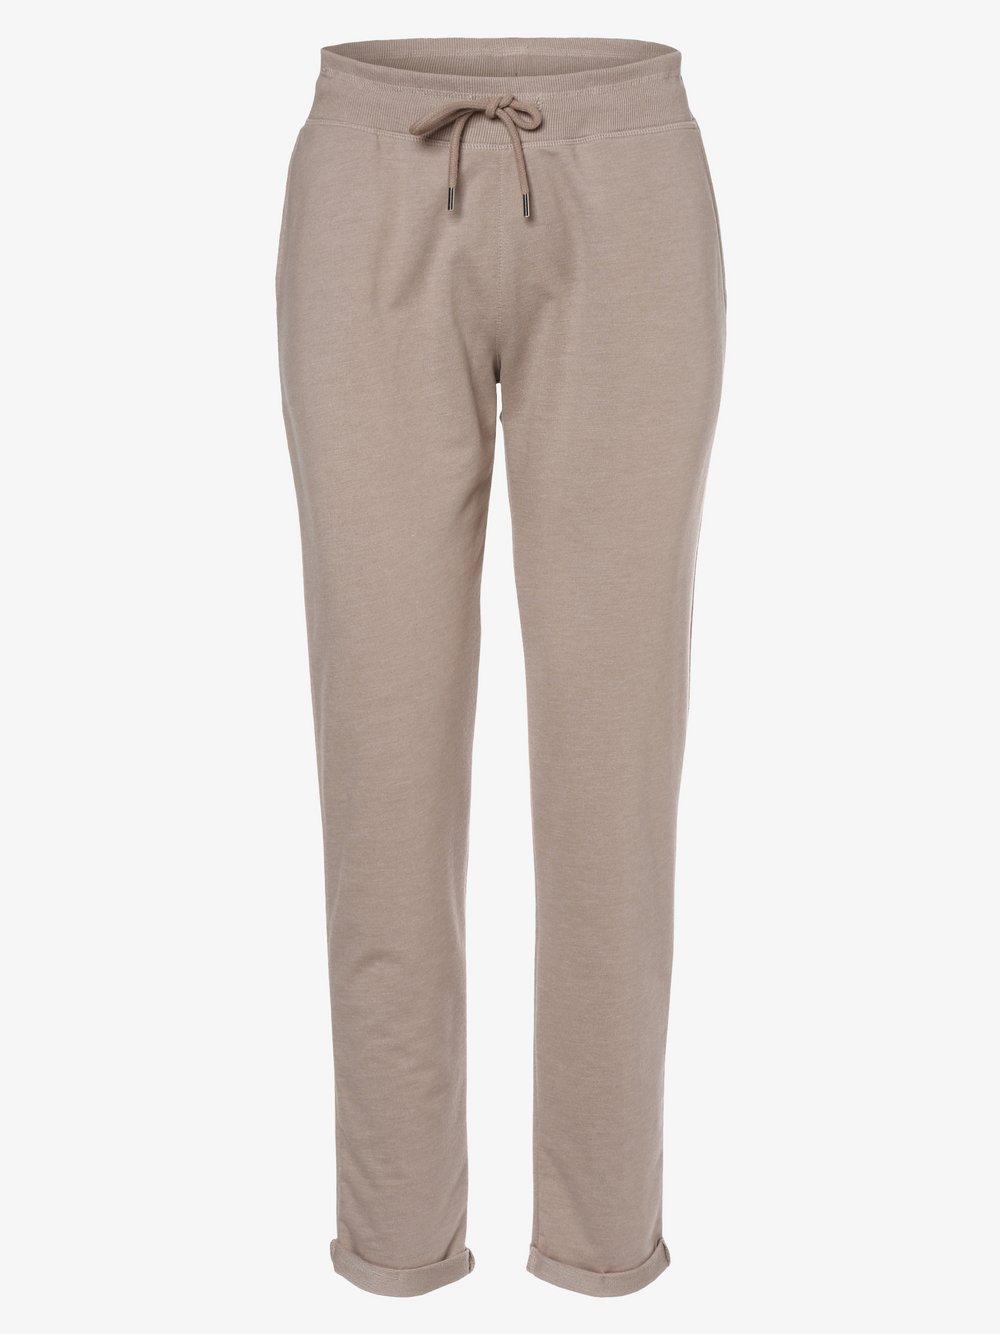 Marie Lund - Damskie spodnie dresowe, beżowy